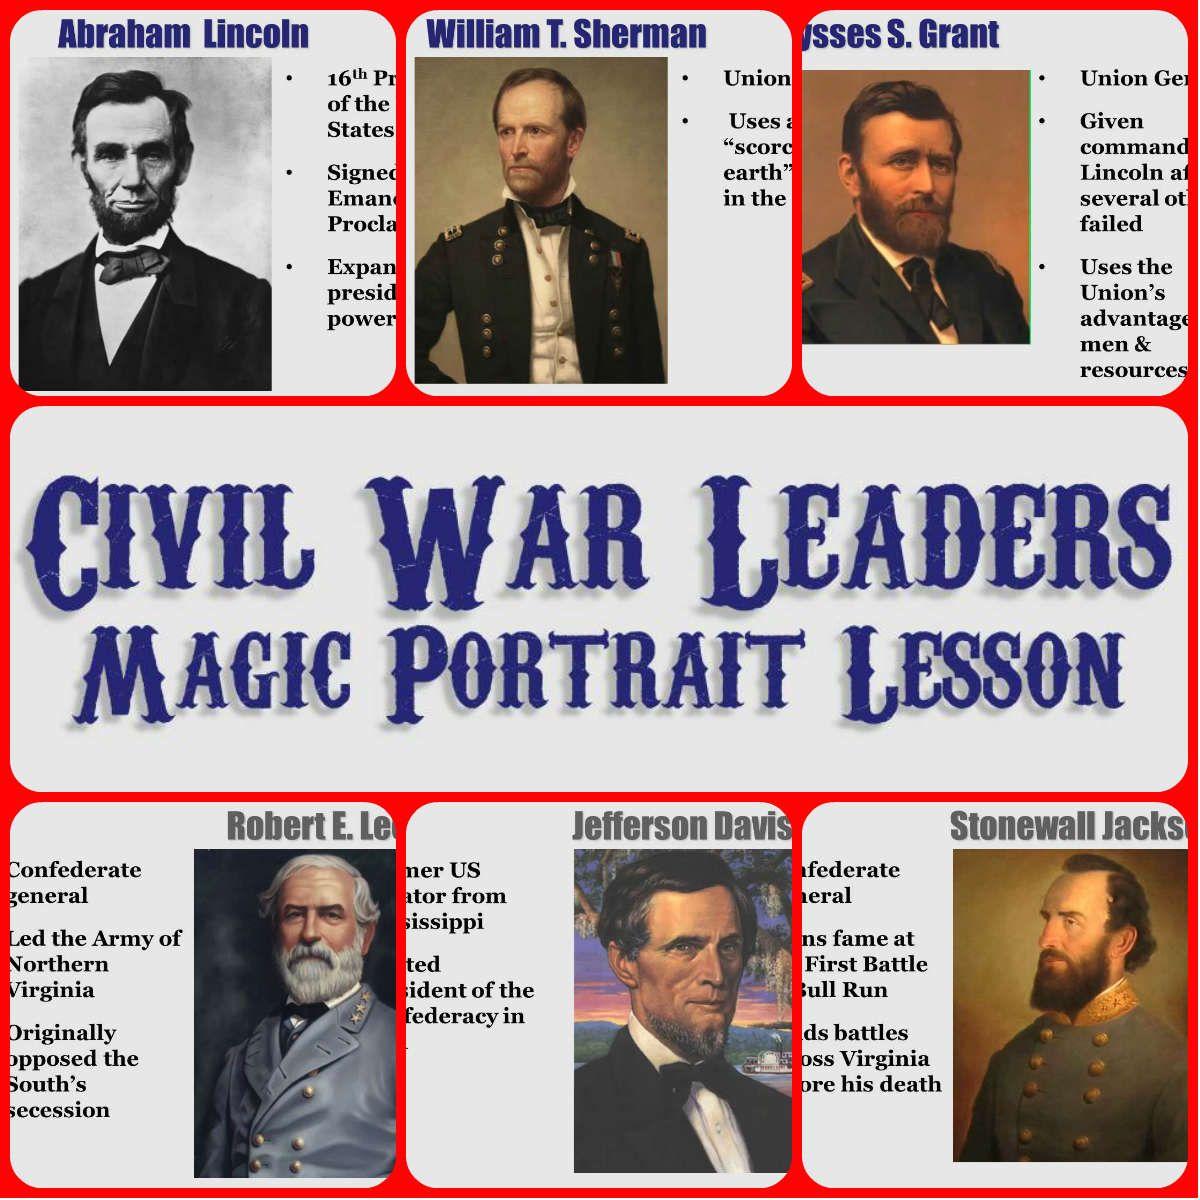 Civil War Leaders Magic Portrait Lesson